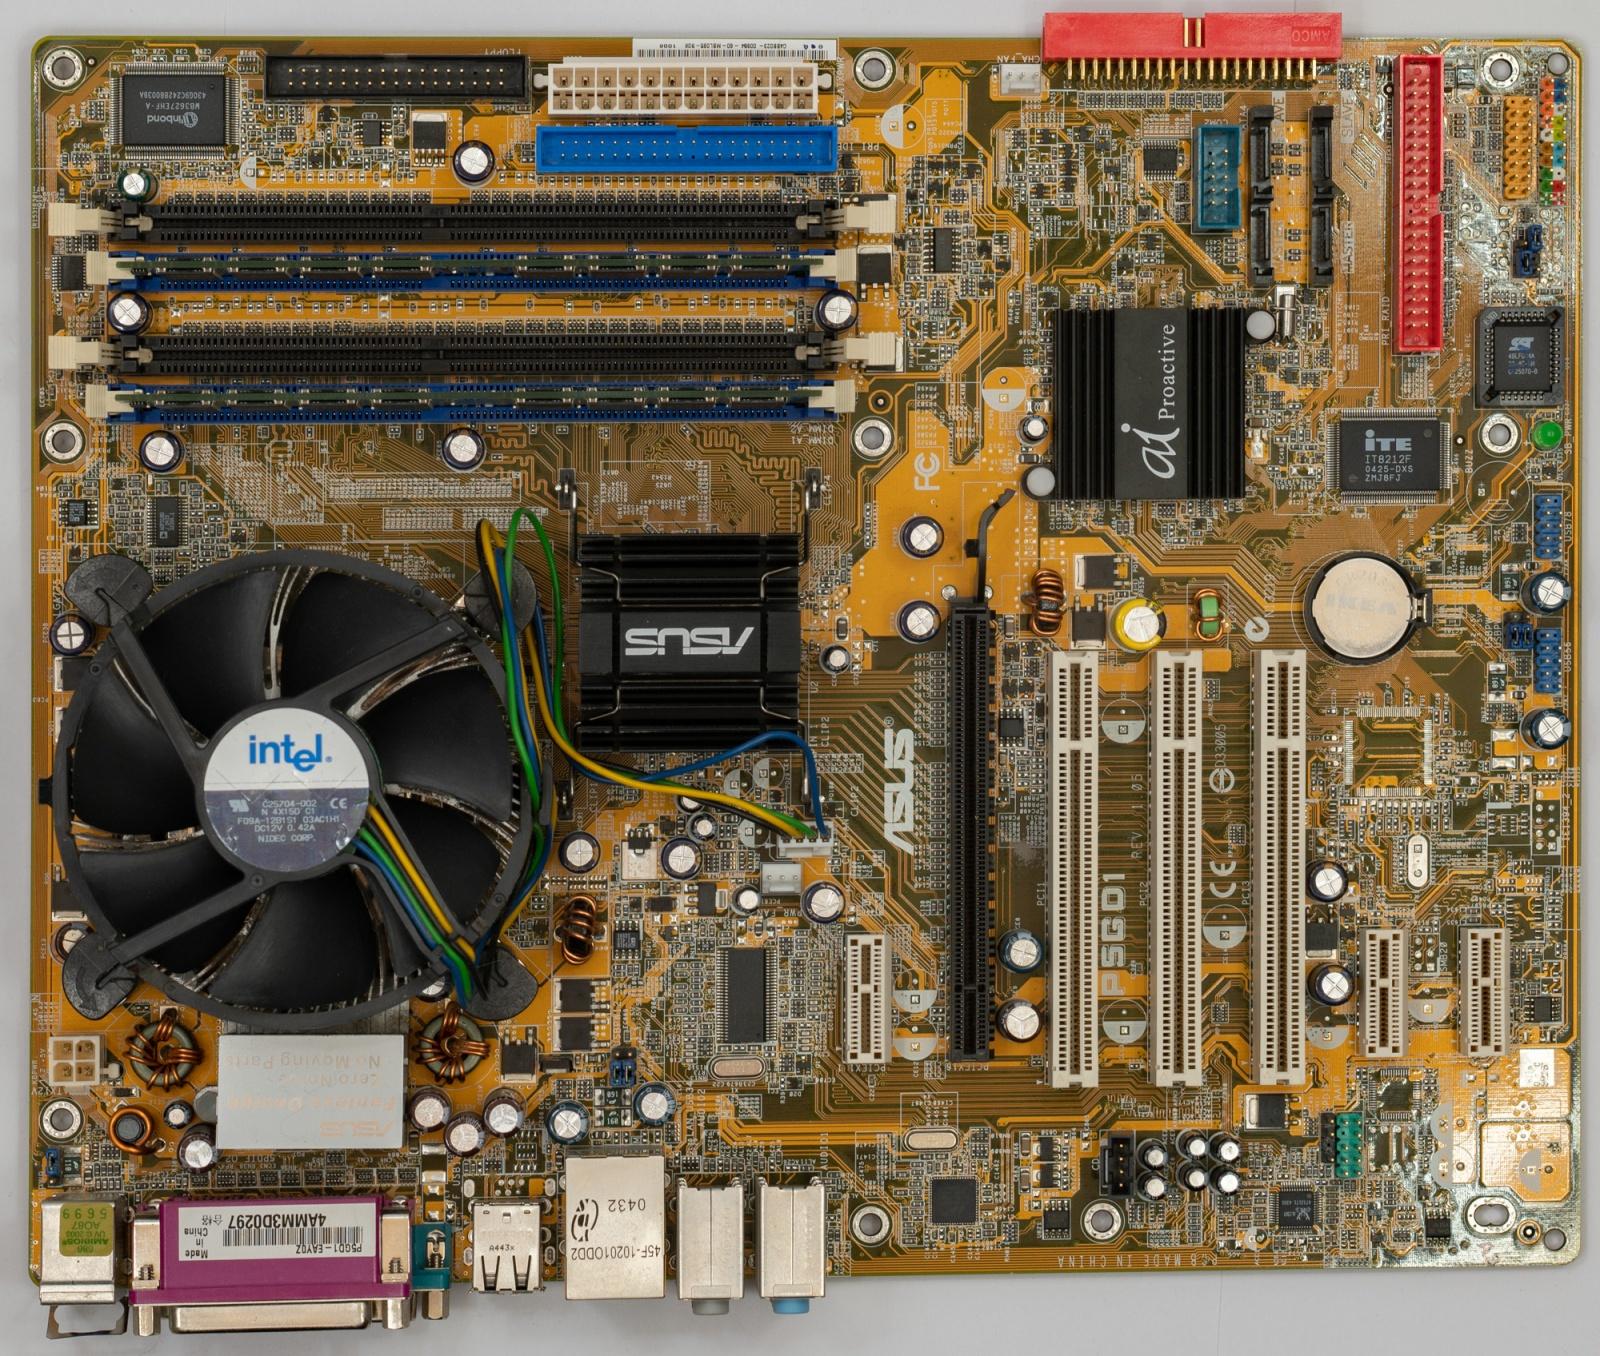 Горячий Pentium 4 и народная любовь - 9